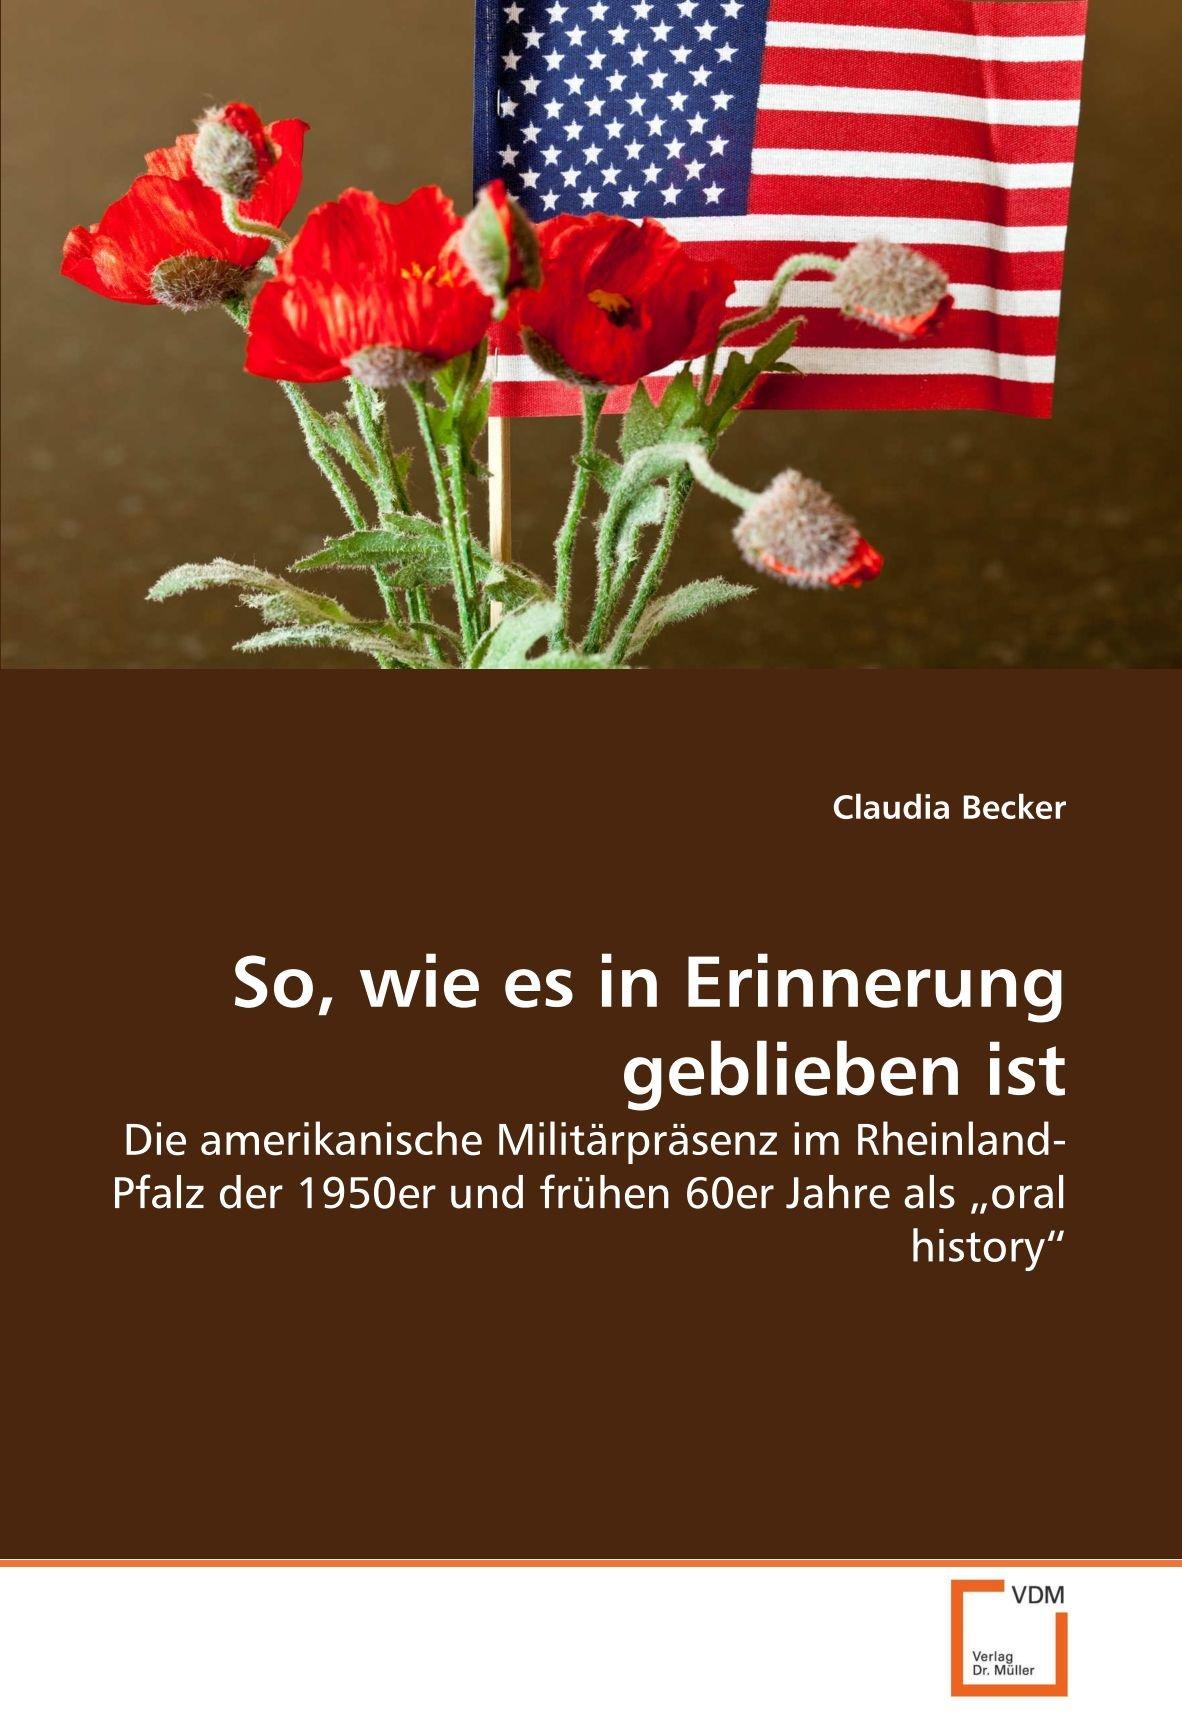 """Read Online So, wie es in Erinnerung geblieben ist: Die amerikanische Militärpräsenz im Rheinland-Pfalz der 1950er und frühen 60er Jahre als """"oral history"""" (German Edition) PDF"""